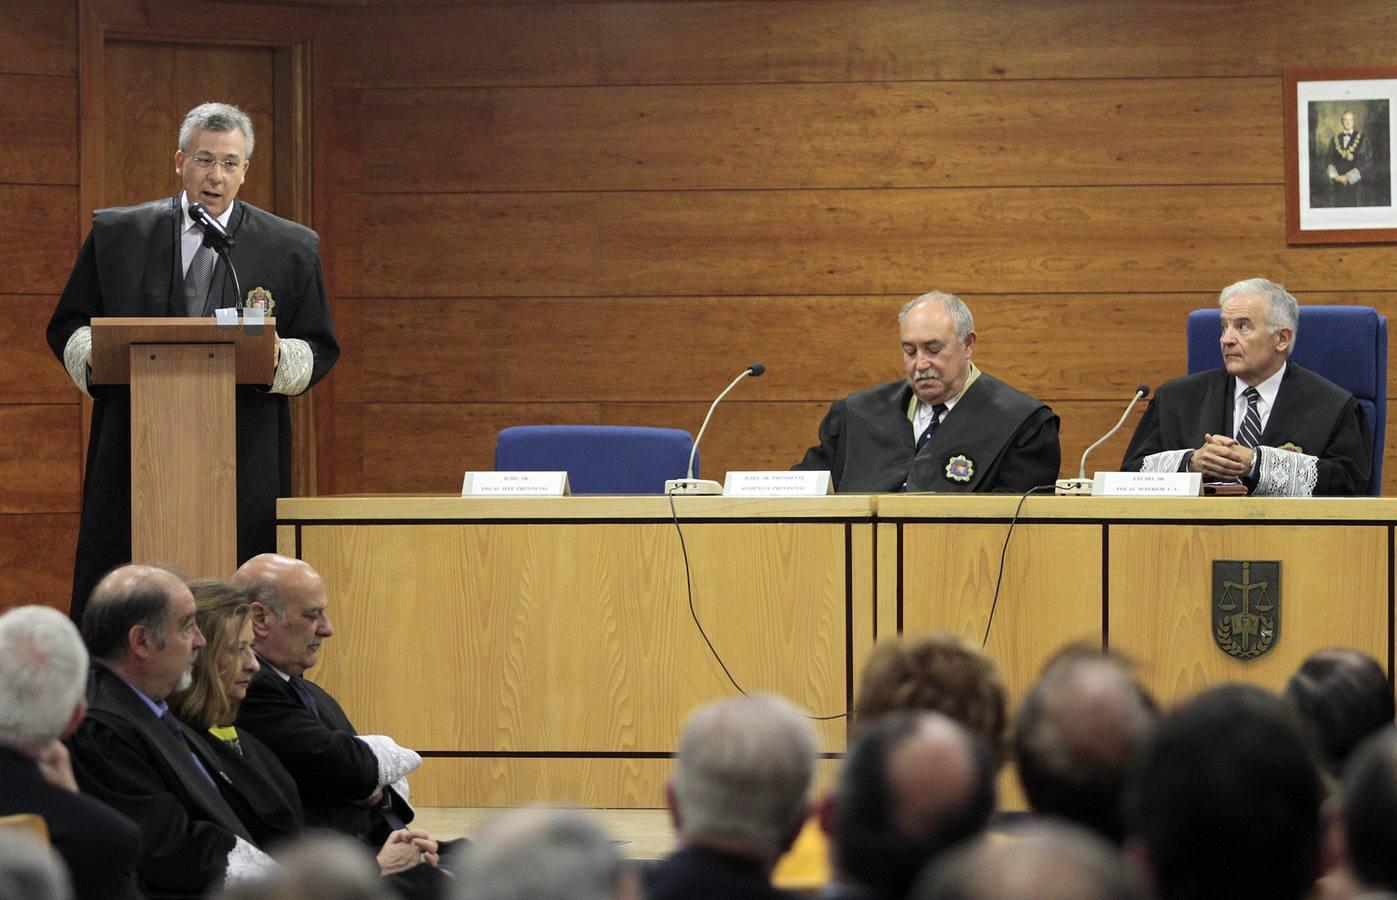 Toma de posesión del nuevo fiscal jefe de Alicante, Jorge Rabasa